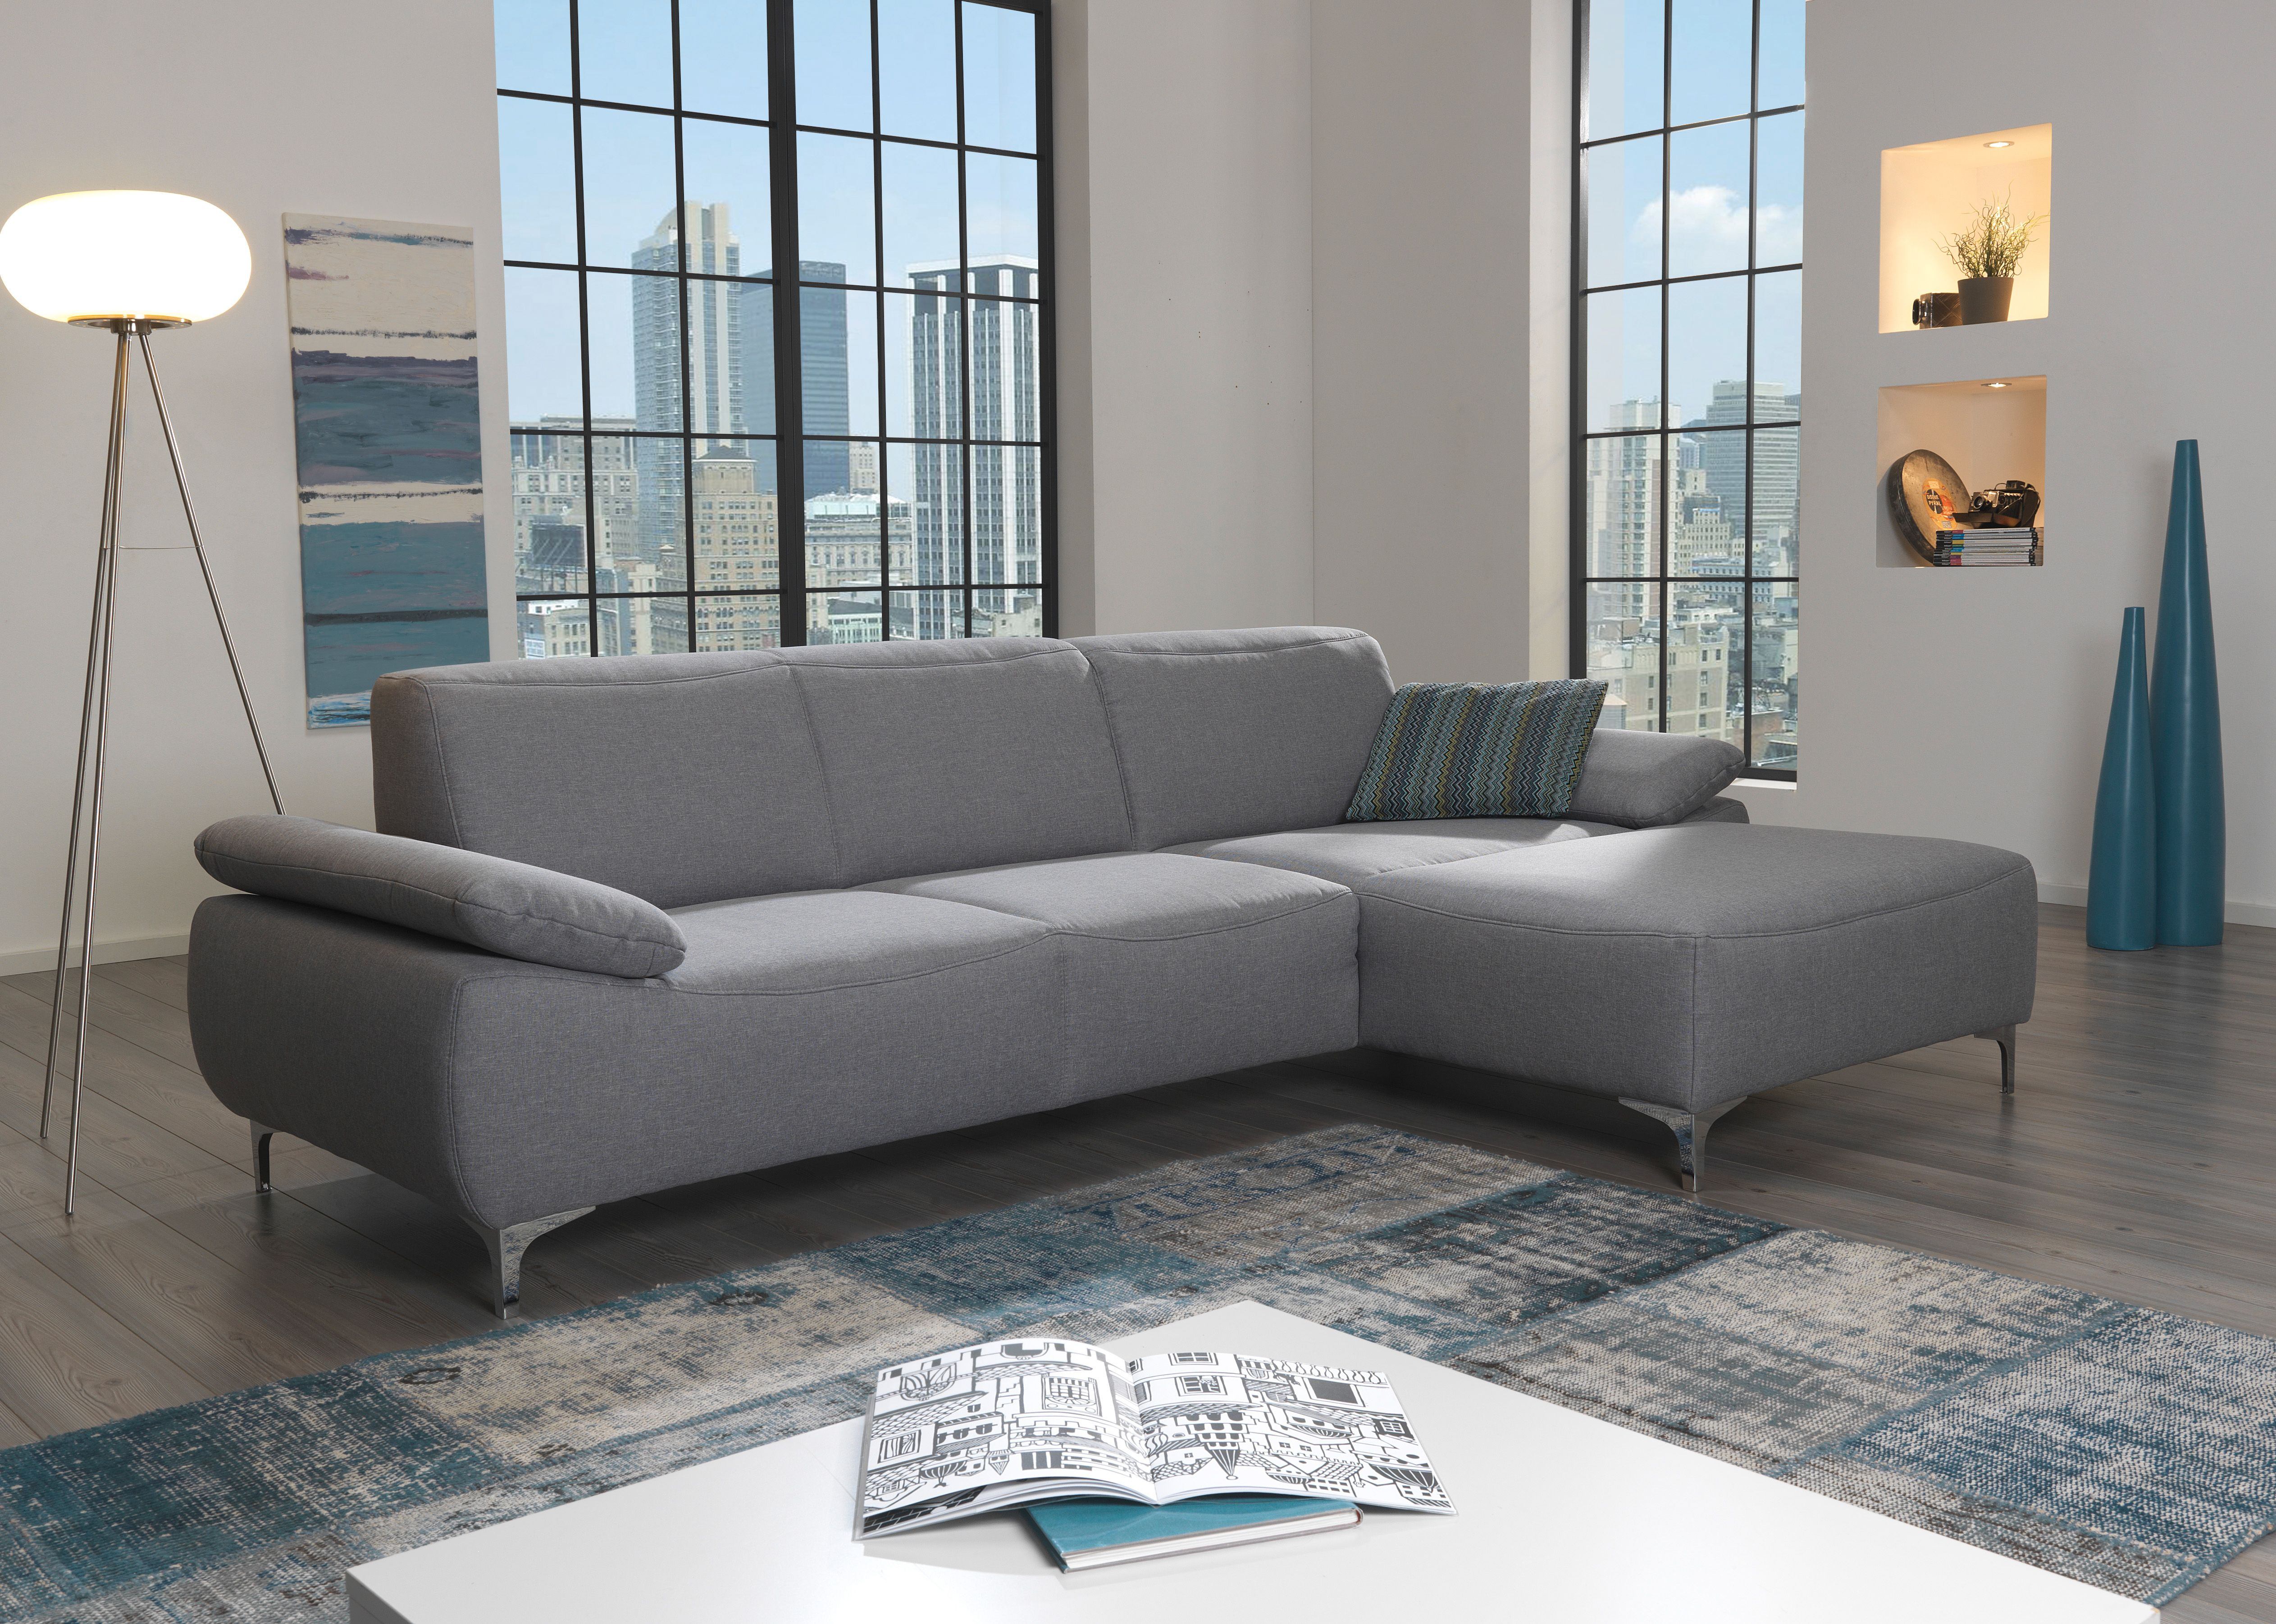 d grijze stoffen zetel voor een eigentijds interieur